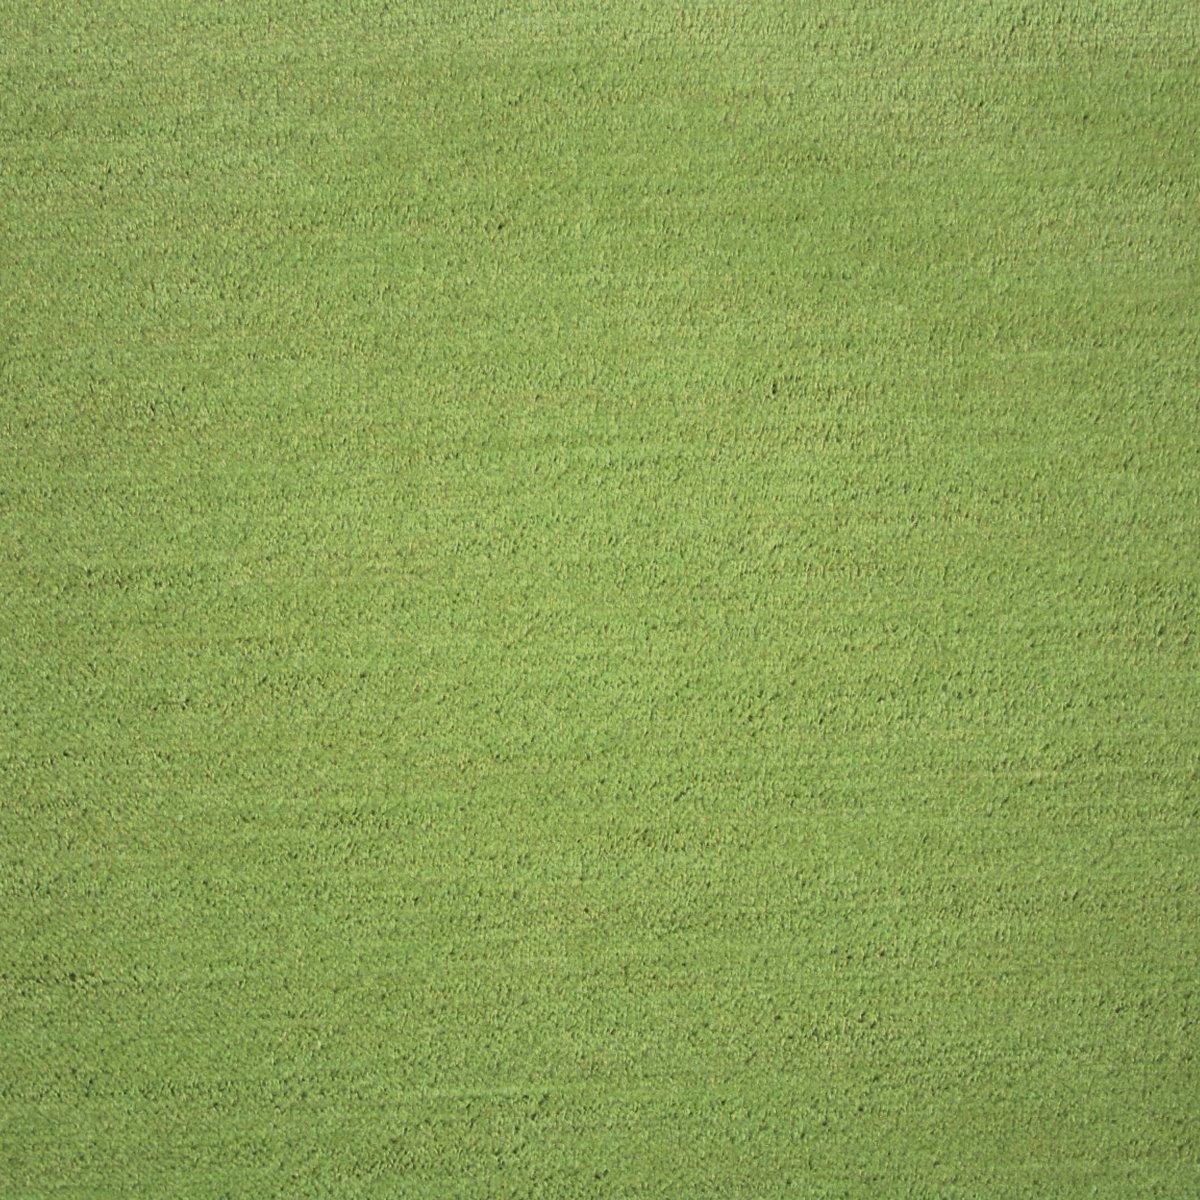 Gentle Green